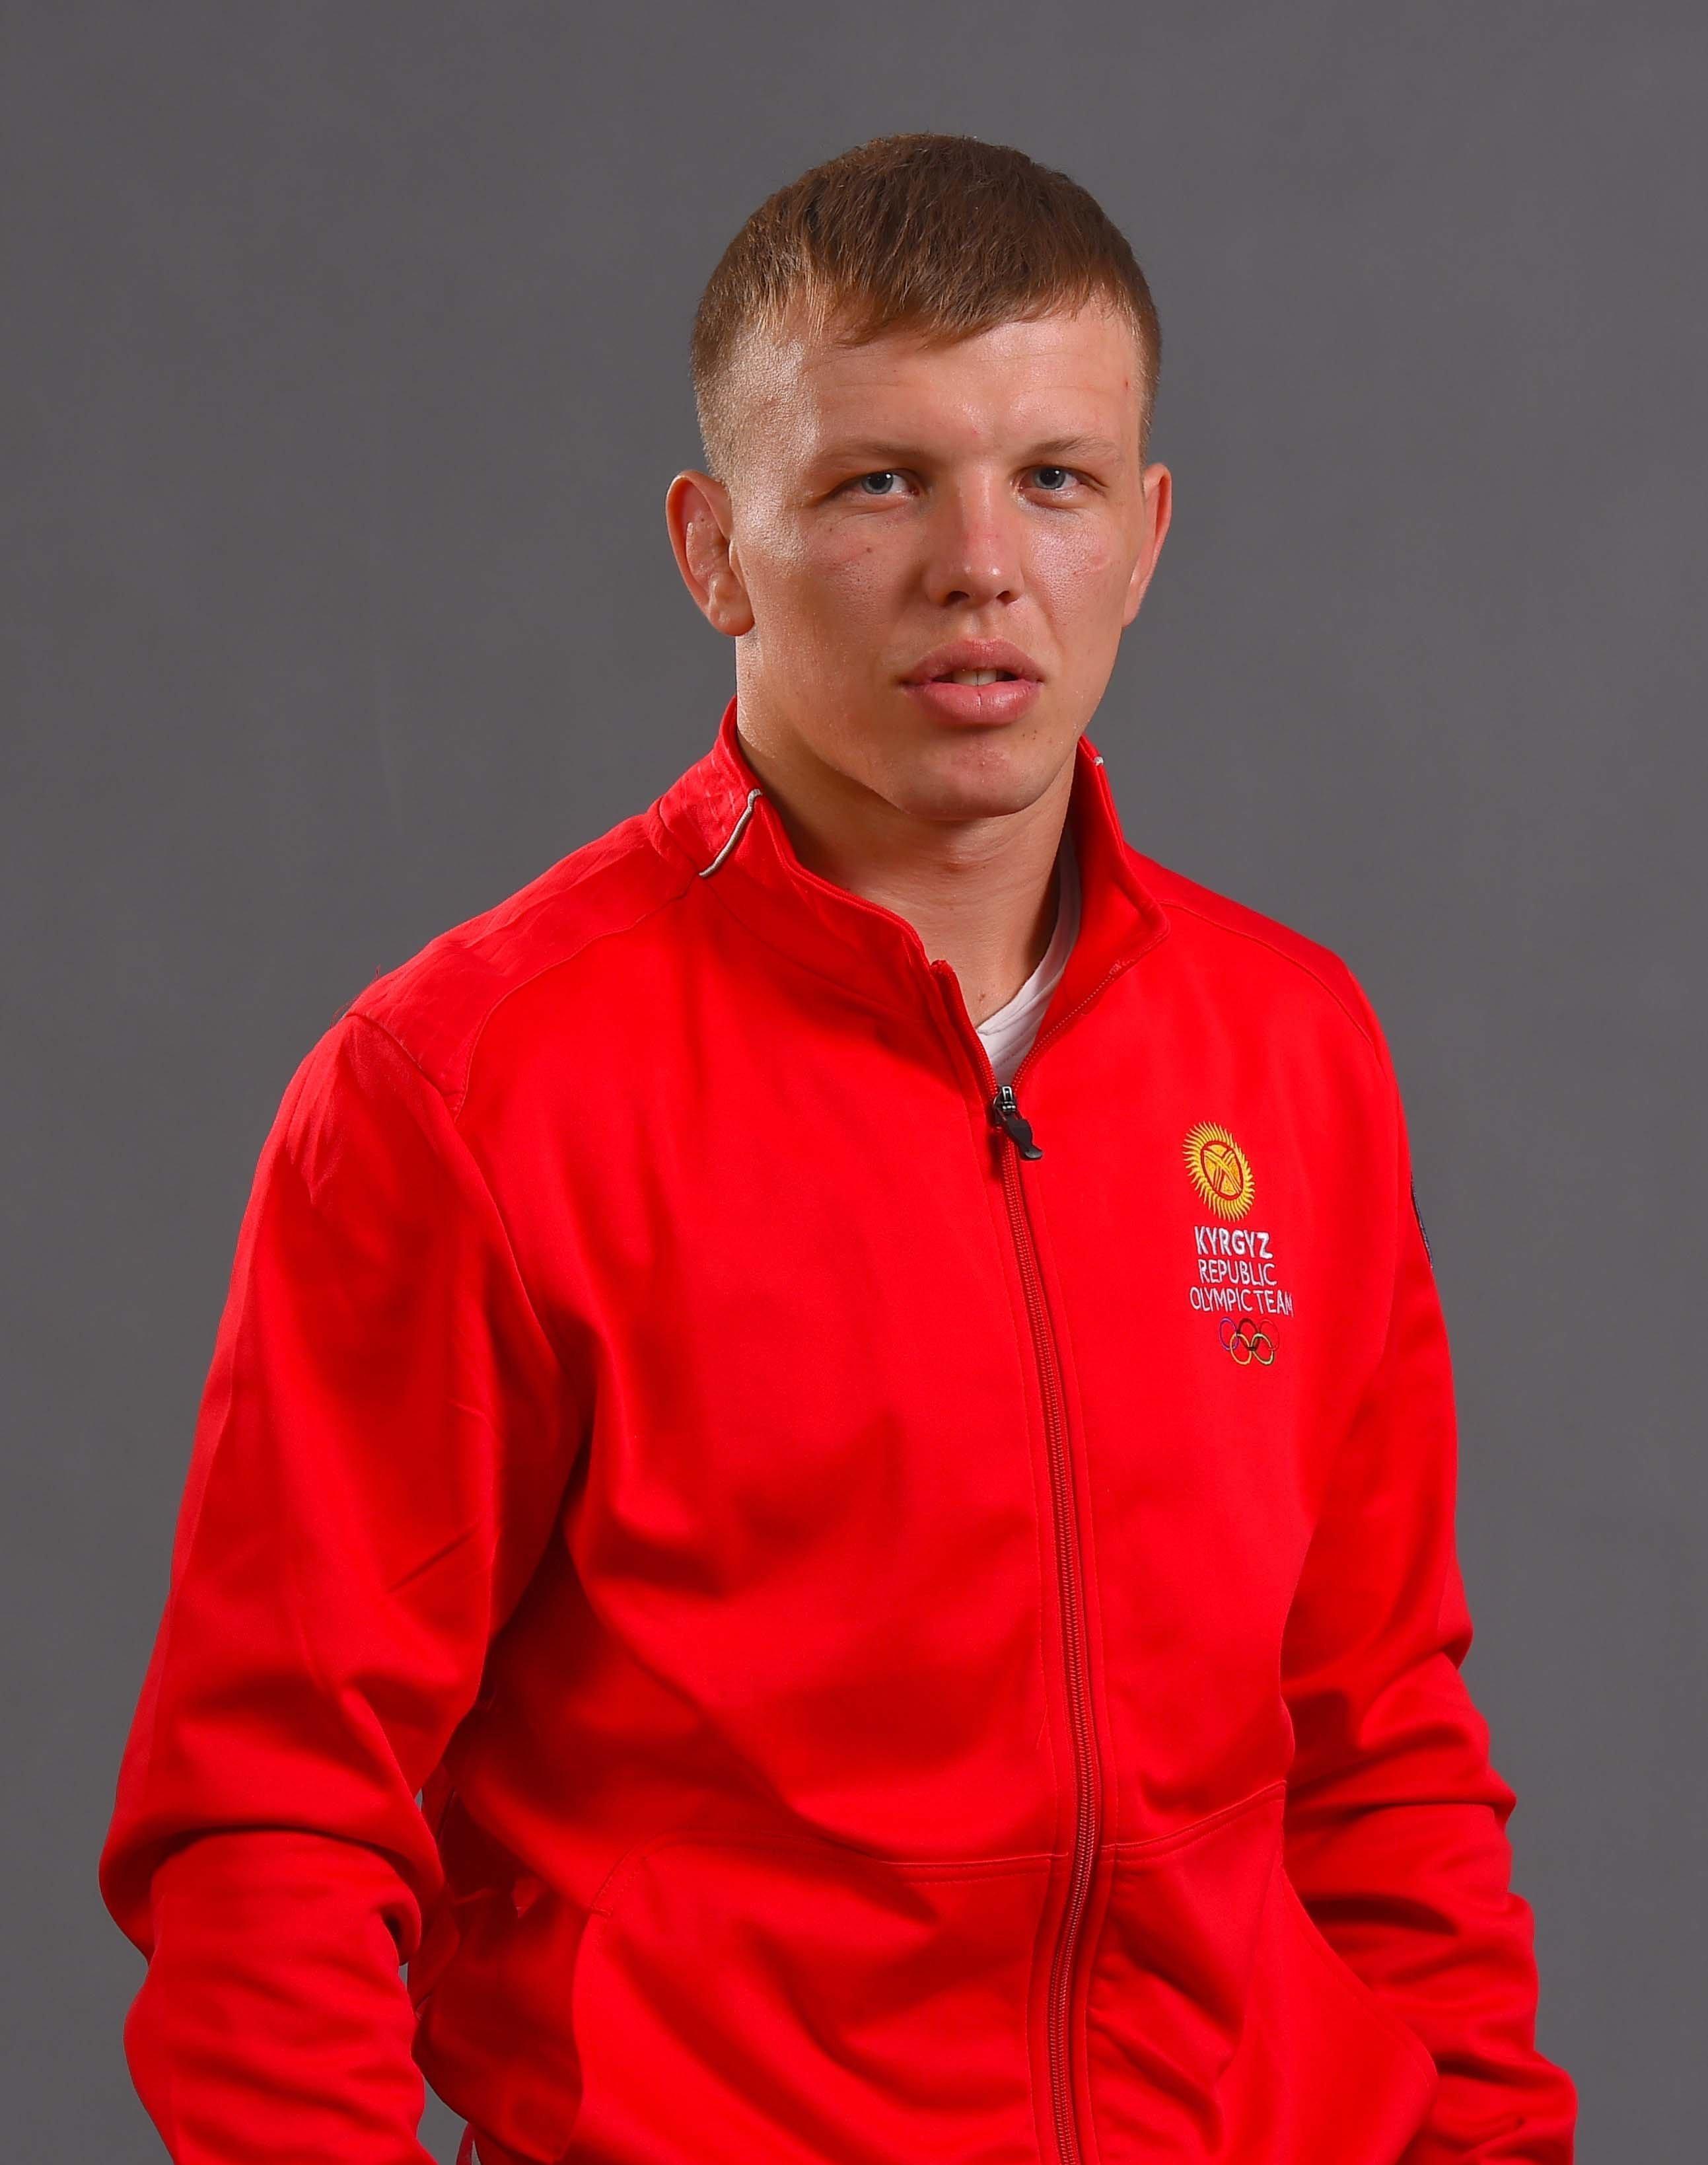 Пятикратный чемпион Кыргызстана, обладатель золотой медали первенства Азии и участник Олимпиады-2016 Руслан Царев